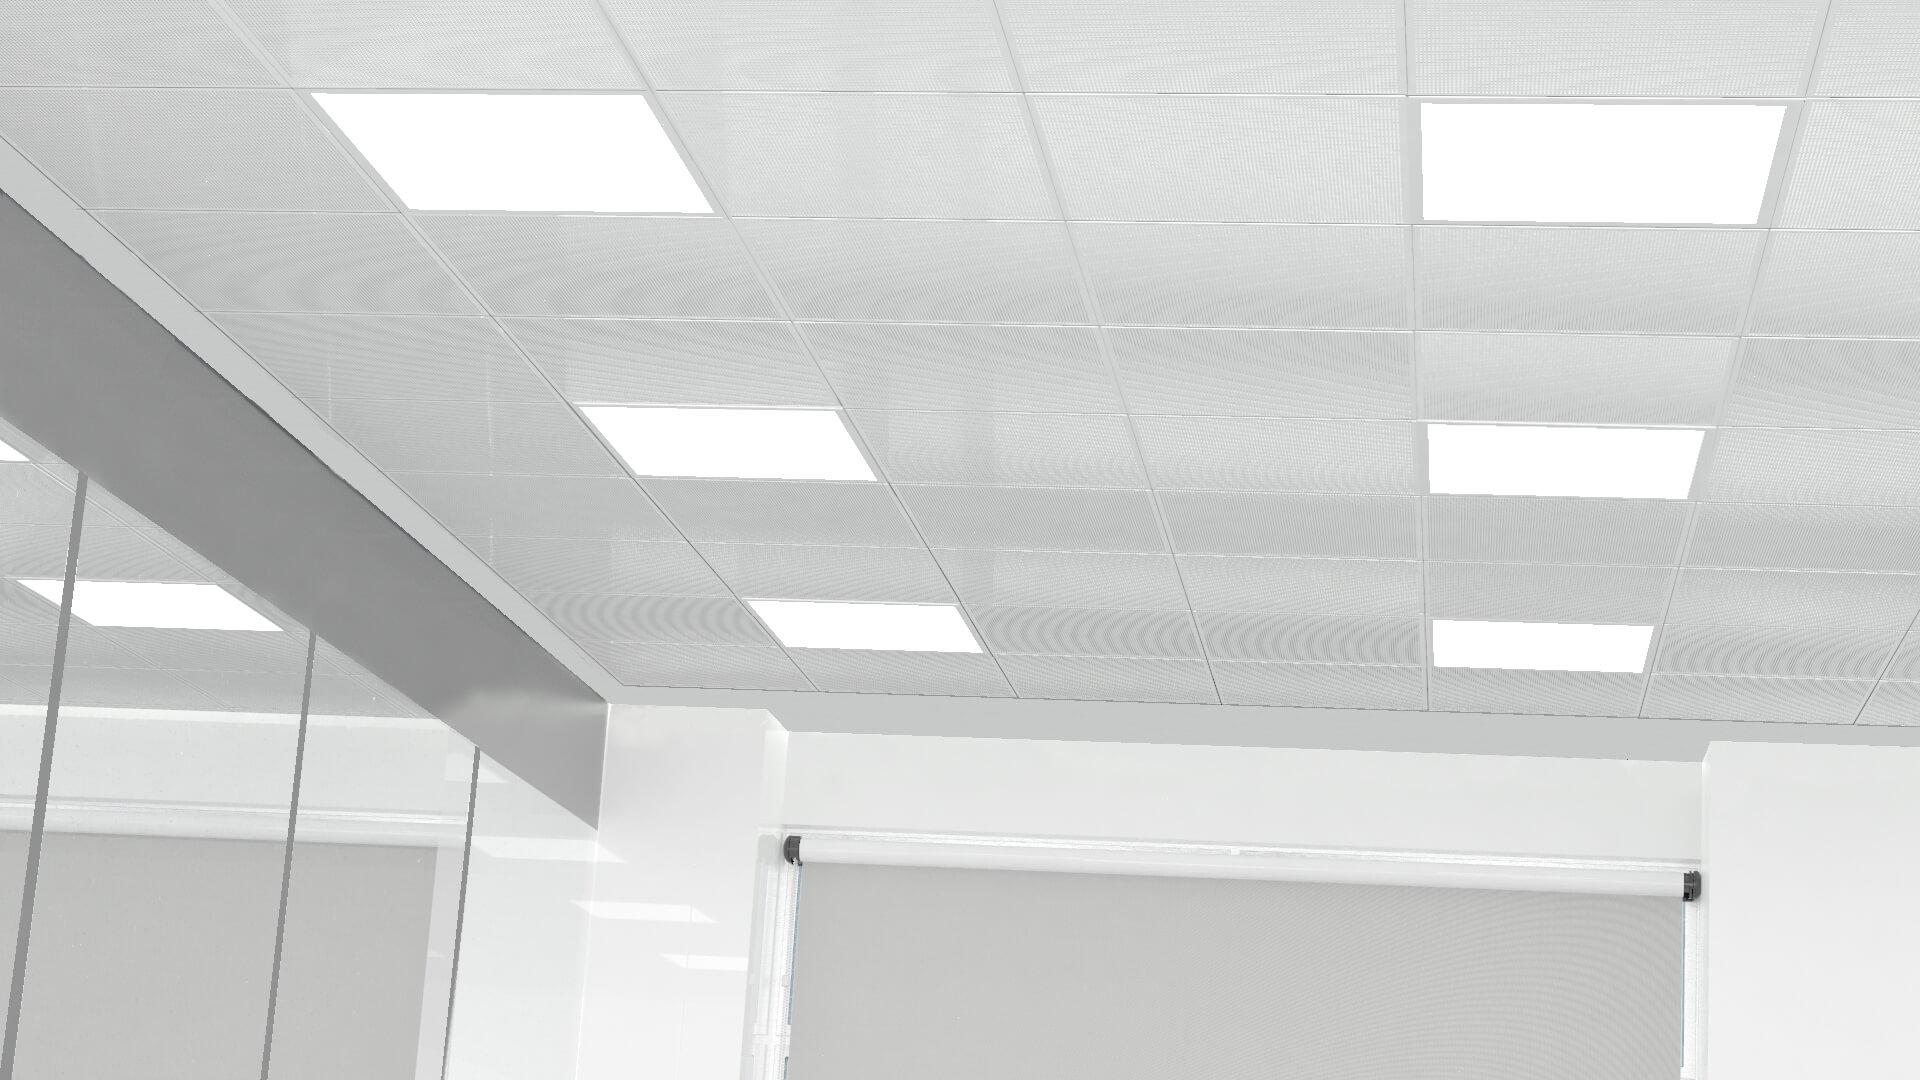 Detalle de instalación de las luminarias en falto techo de oficinas.